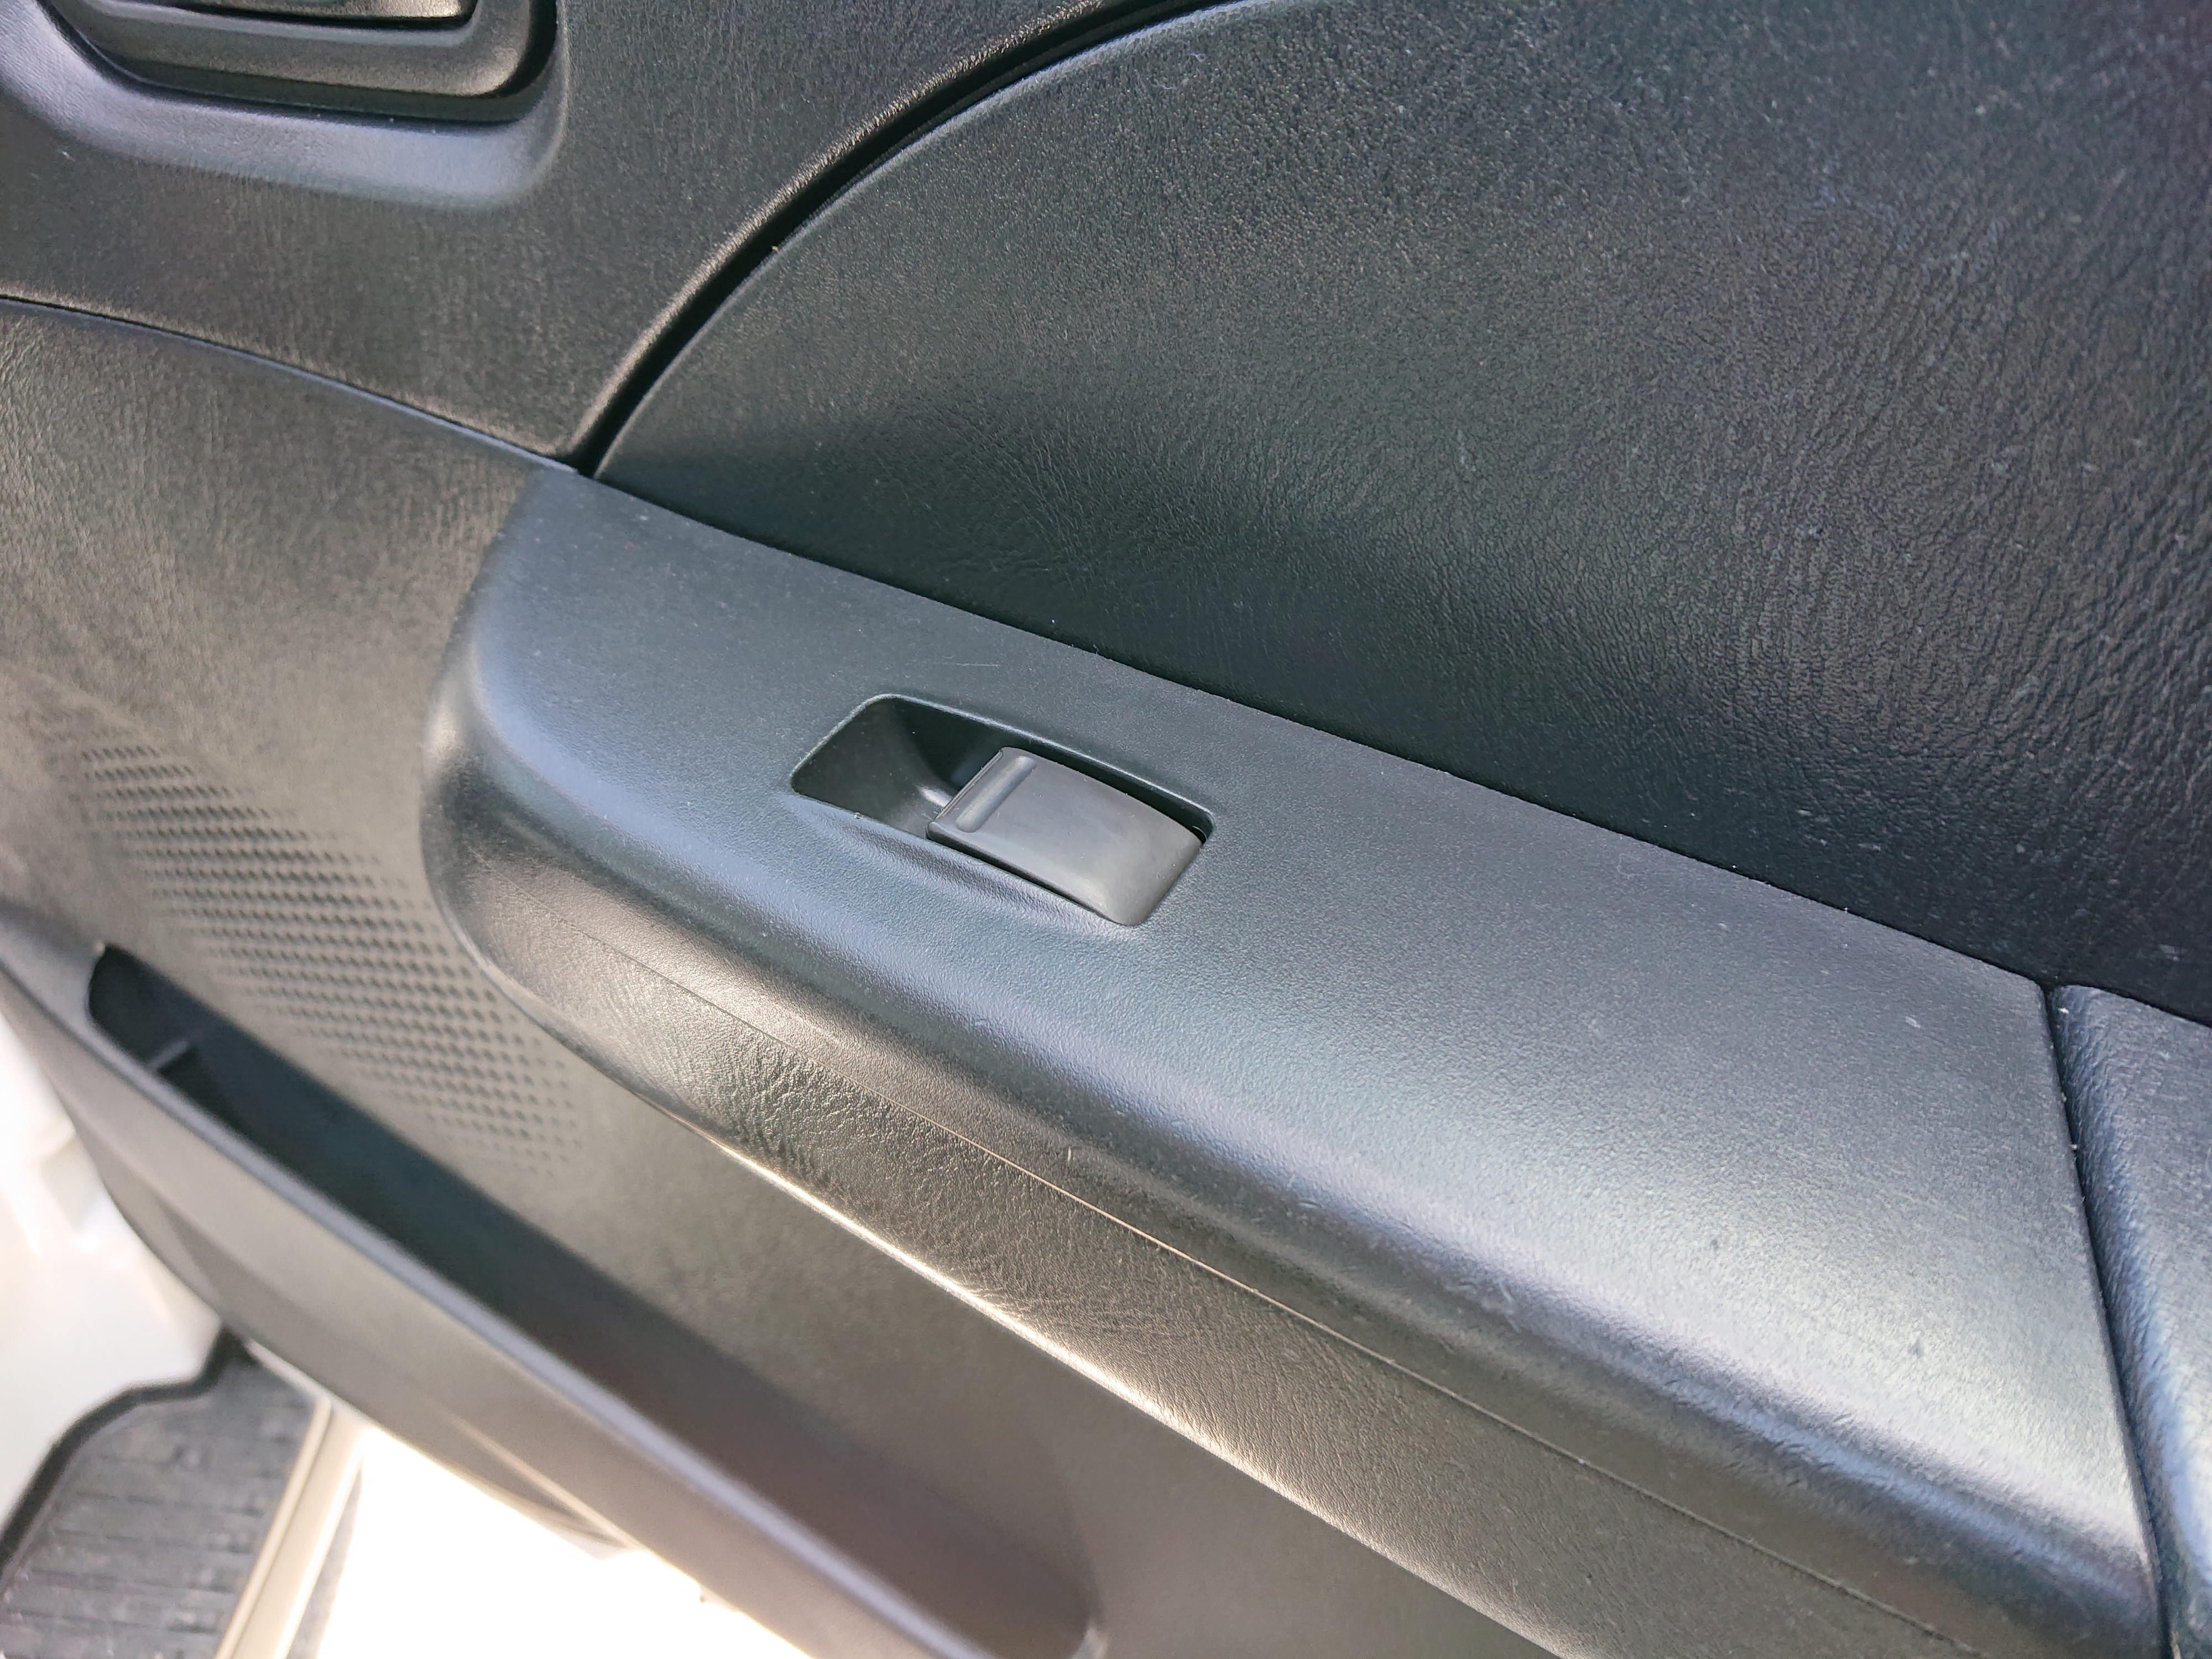 日産キャラバン 5ドアロング平床DXの車両写真 その6